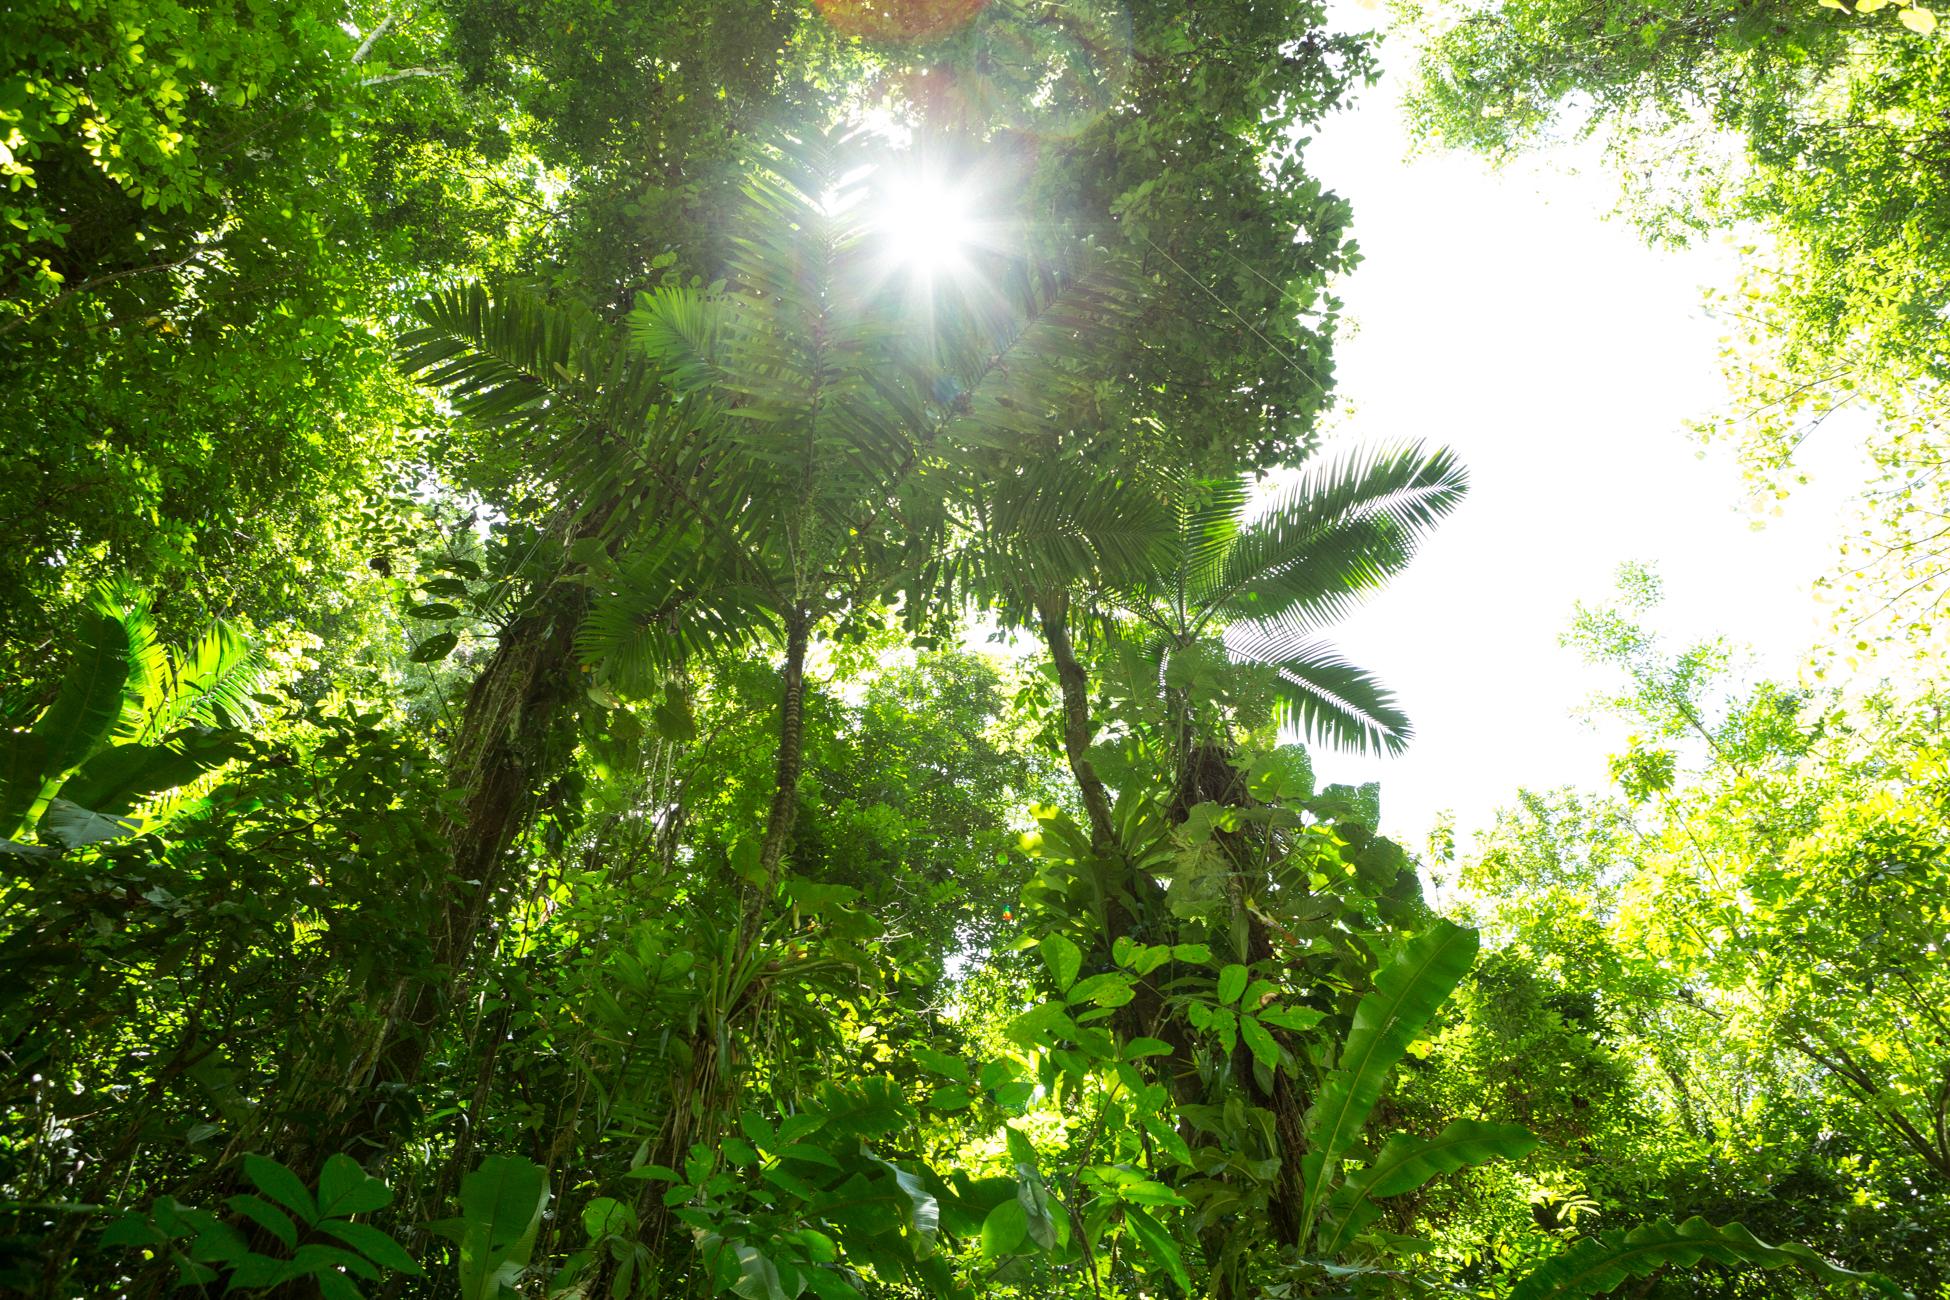 Jungle VI, 2013 //  80 cm x 120 cm